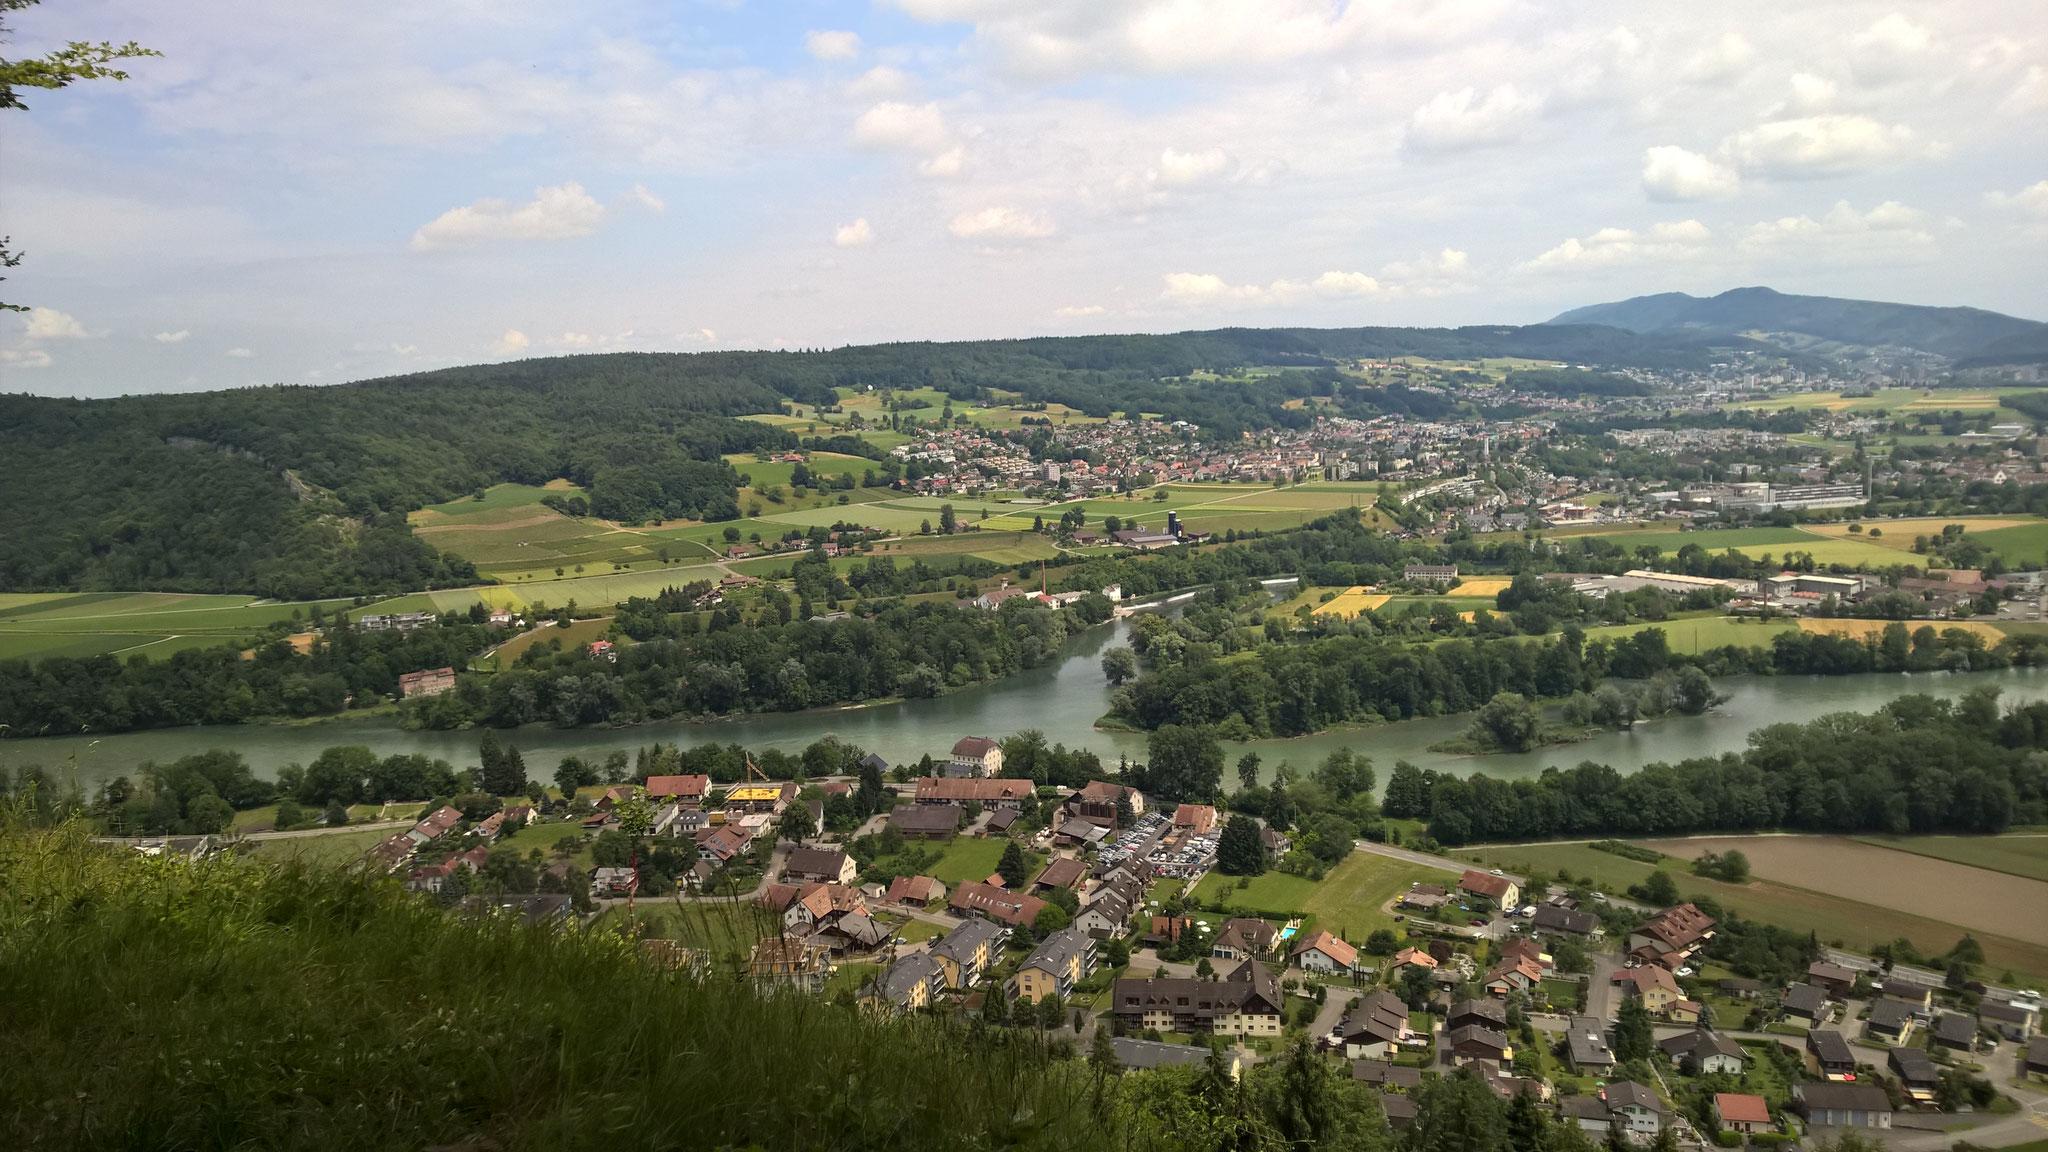 2015 - Sicht auf Lauffohr vom Wassserschlossblick auf dem Brugger Berg (Quelle: Mavi Jost)